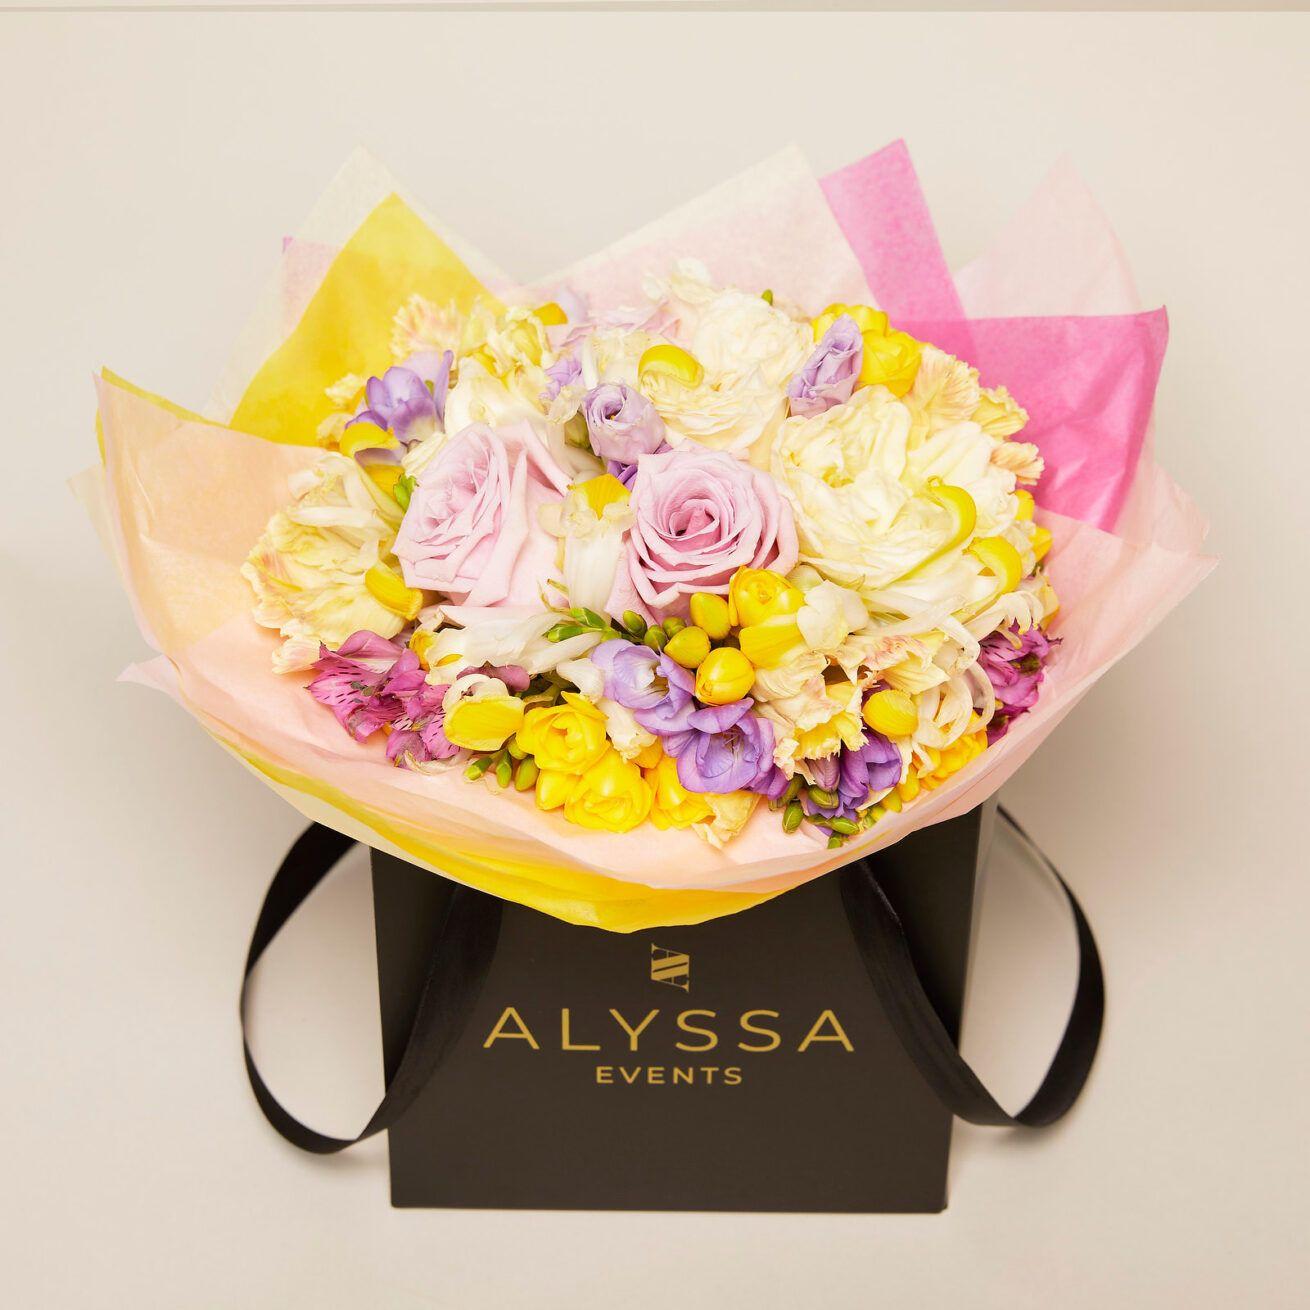 Fotografie de produs în studio cutie flori Alyssa Events-Dan Malureanu-04